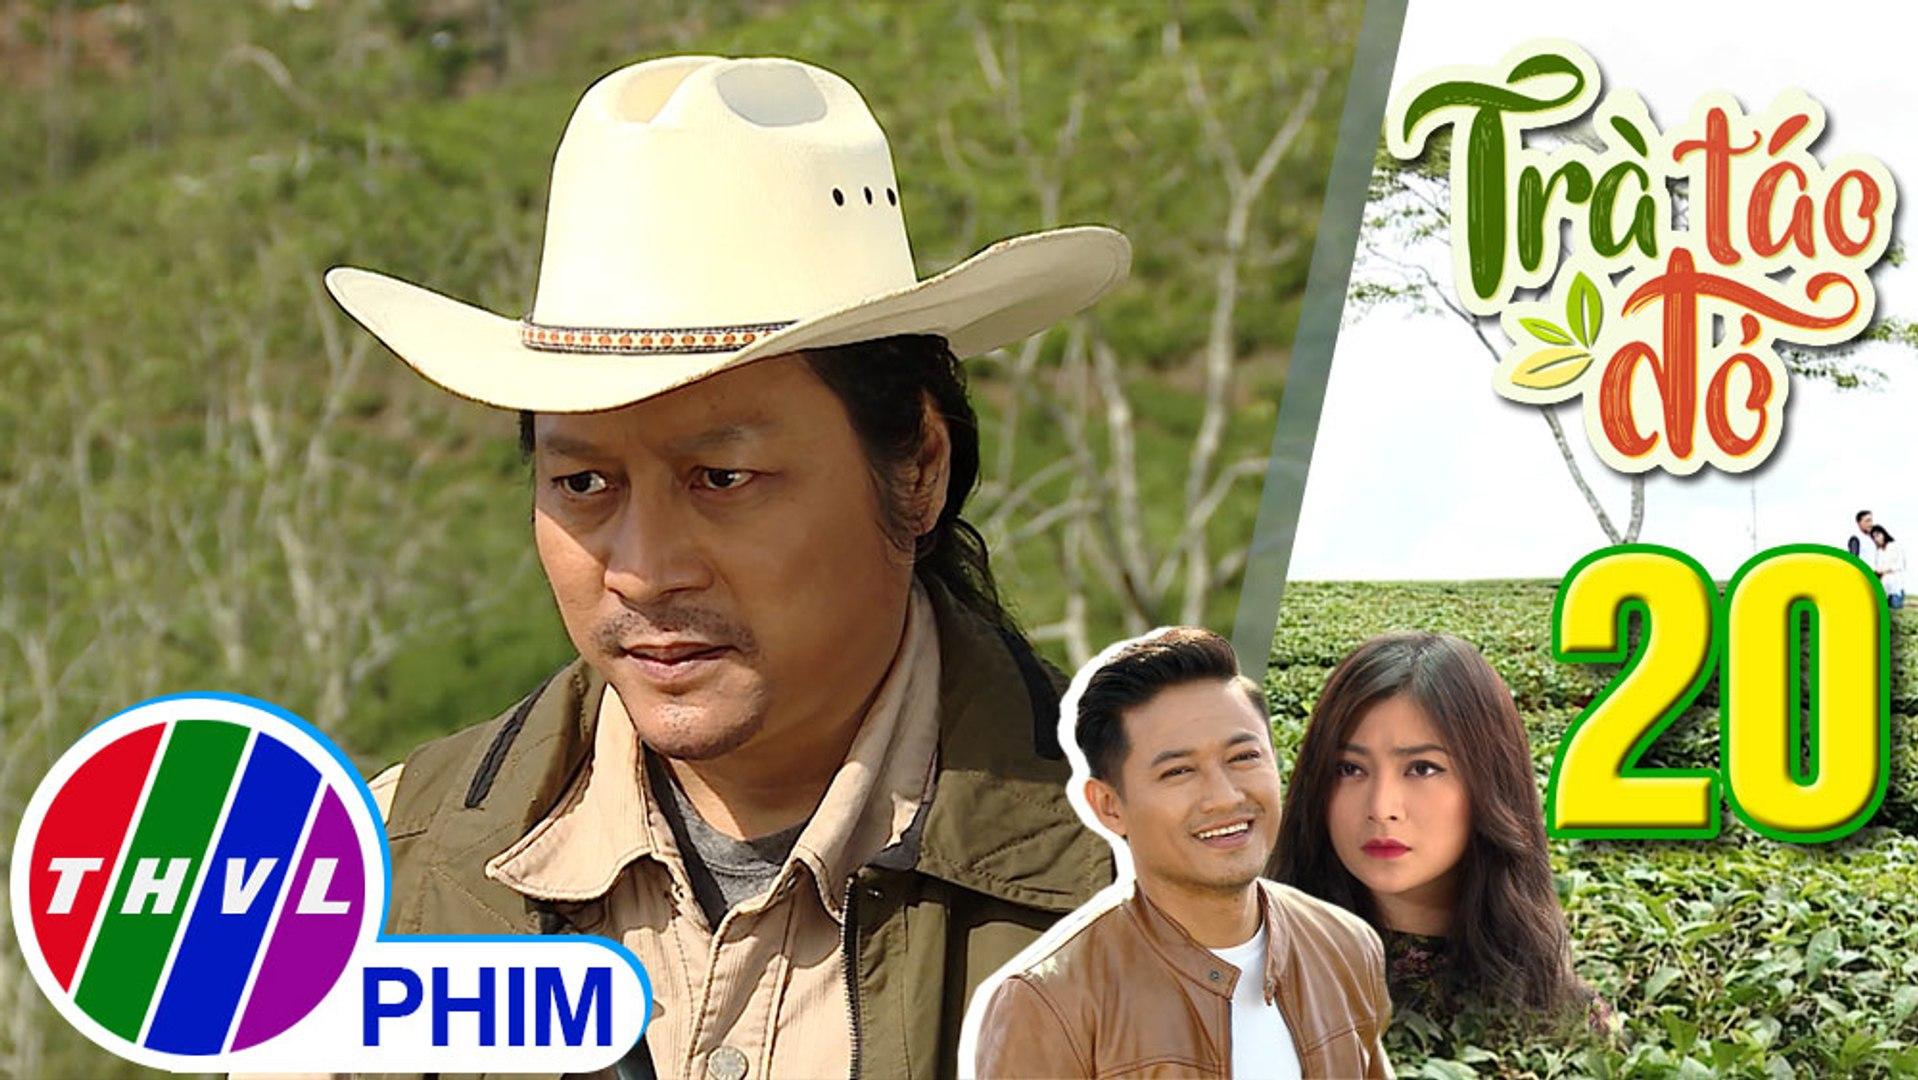 THVL | Trà táo đỏ - Tập 20[3]: Ông Kha đe dọa Hiếu chuyện mở nhà máy thu mua sản xuất trà